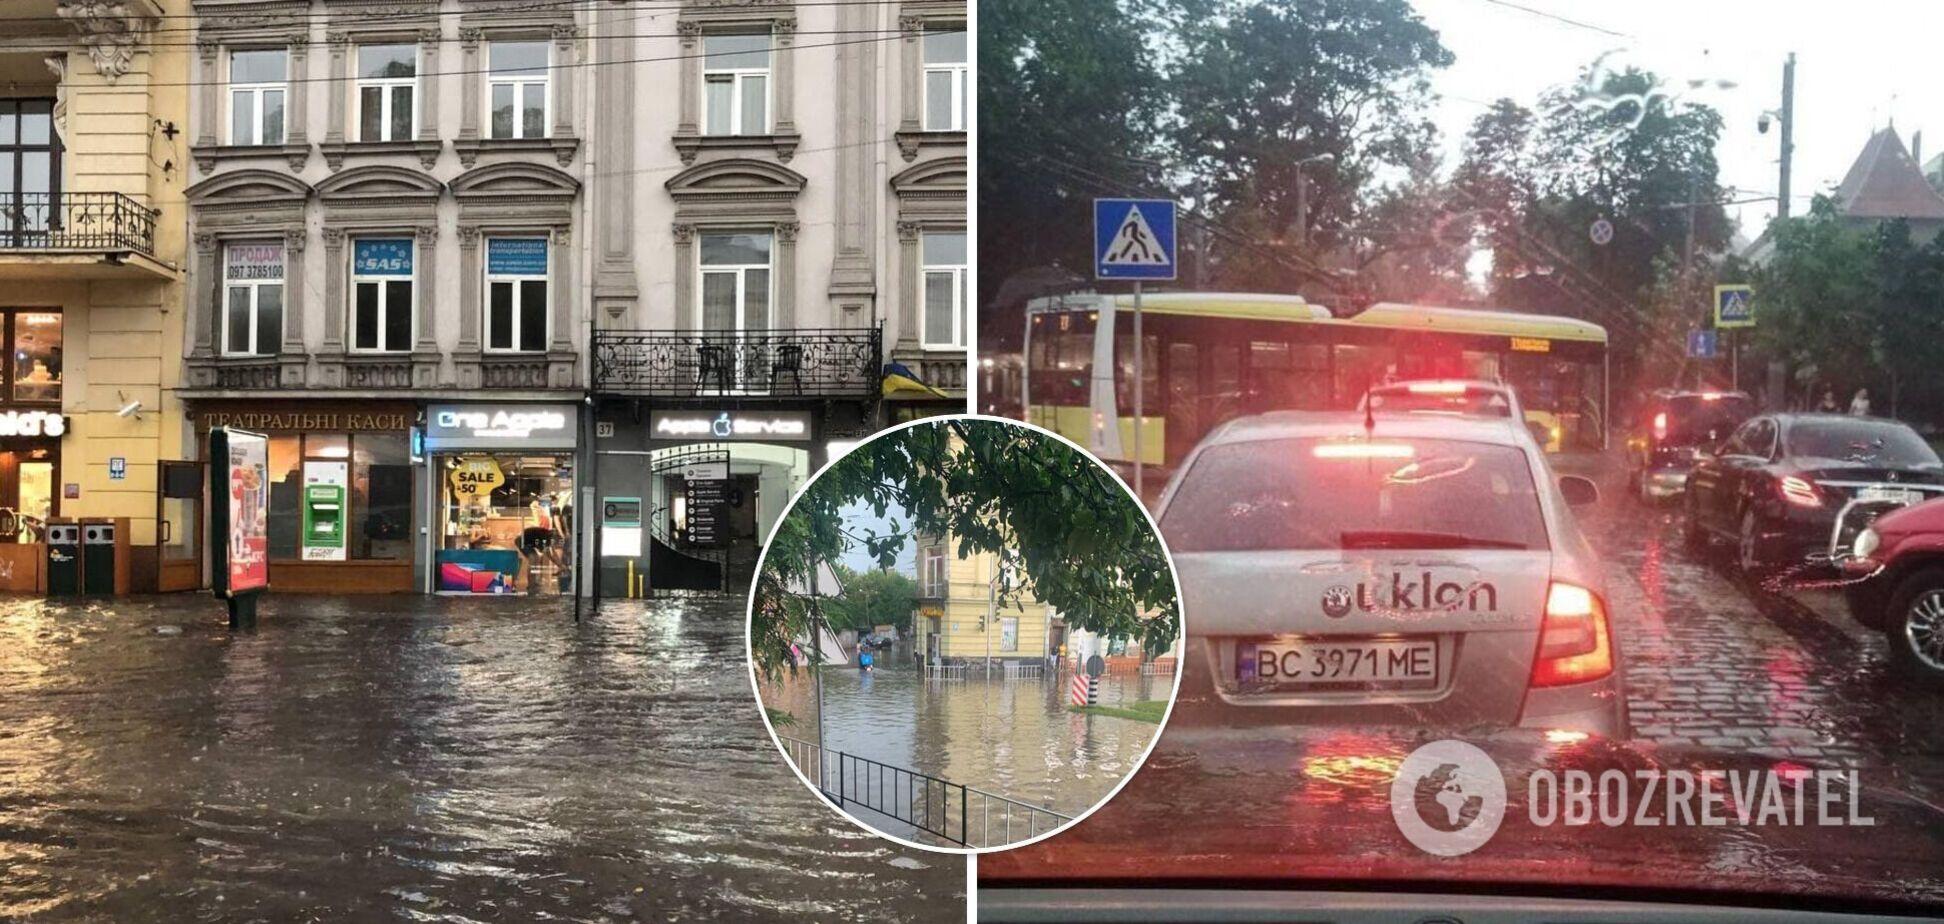 Негода показала львів'янам другу серію апокаліпсису. Фото та відео наслідків потужної бурі